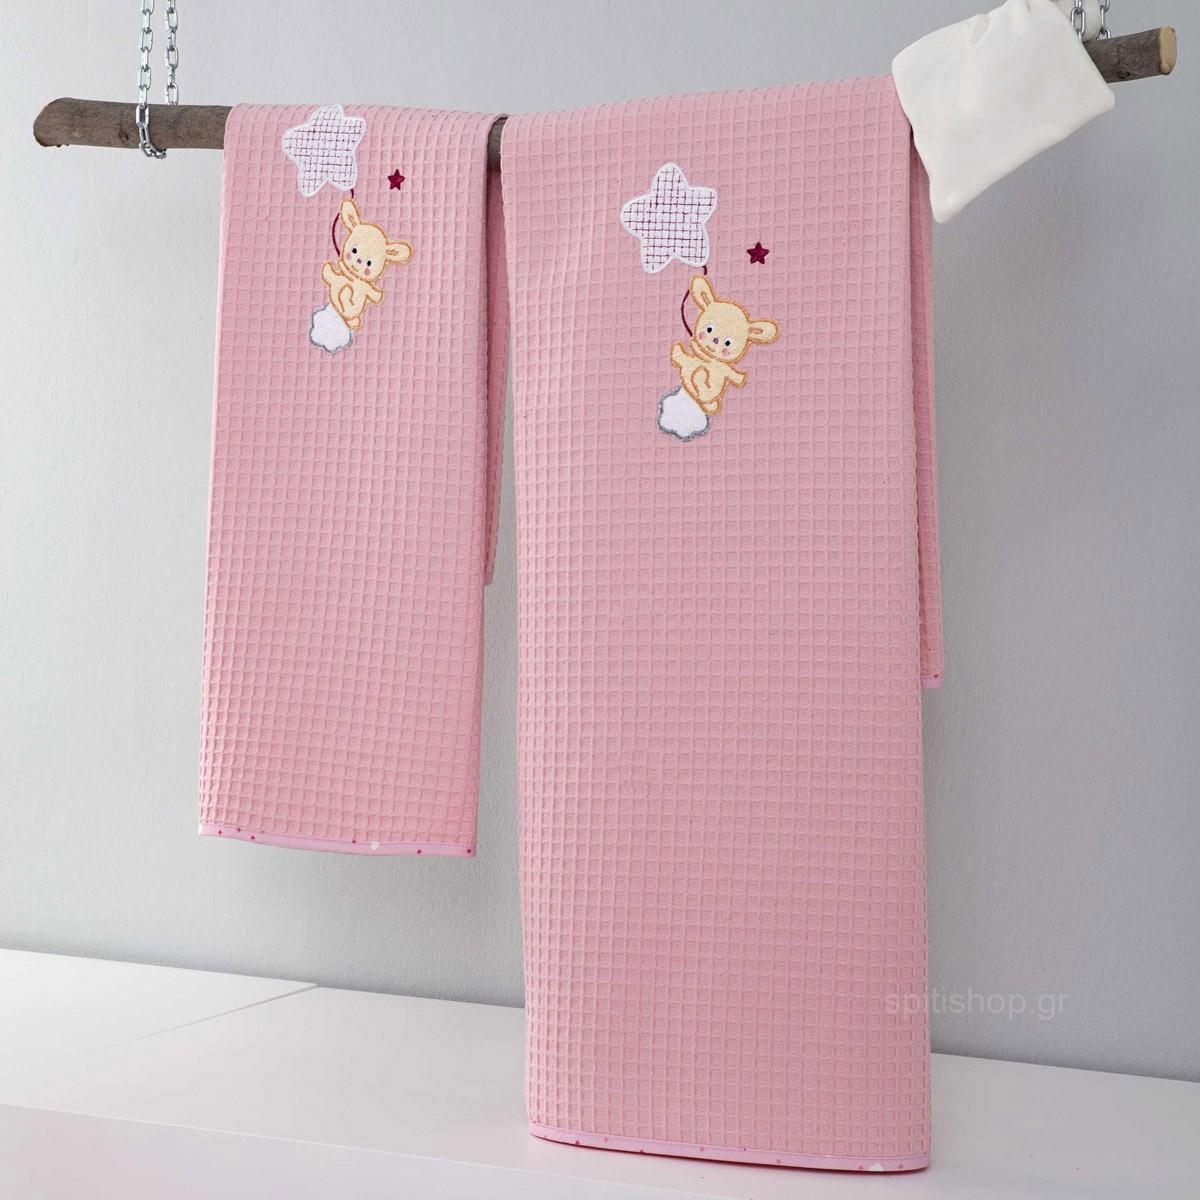 Κουβέρτα Πικέ Αγκαλιάς Nima Baby Star Pink